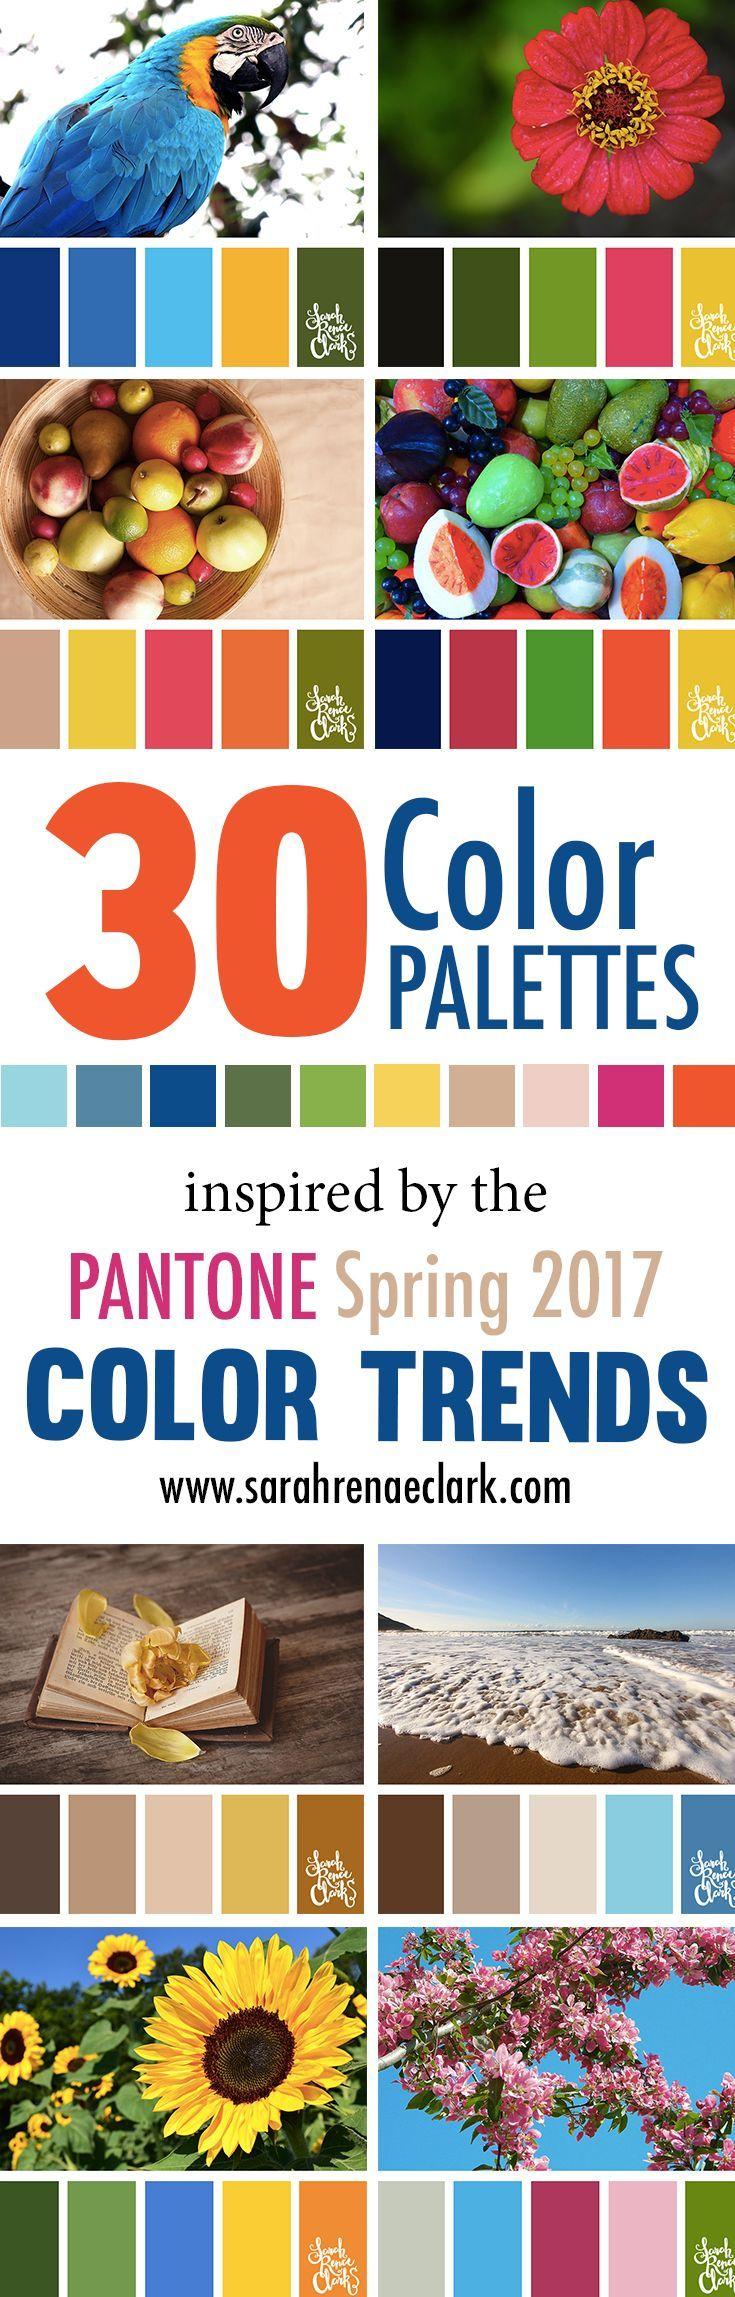 Home interior design farbkombinationen  best farbkombinationen malen images on pinterest  color